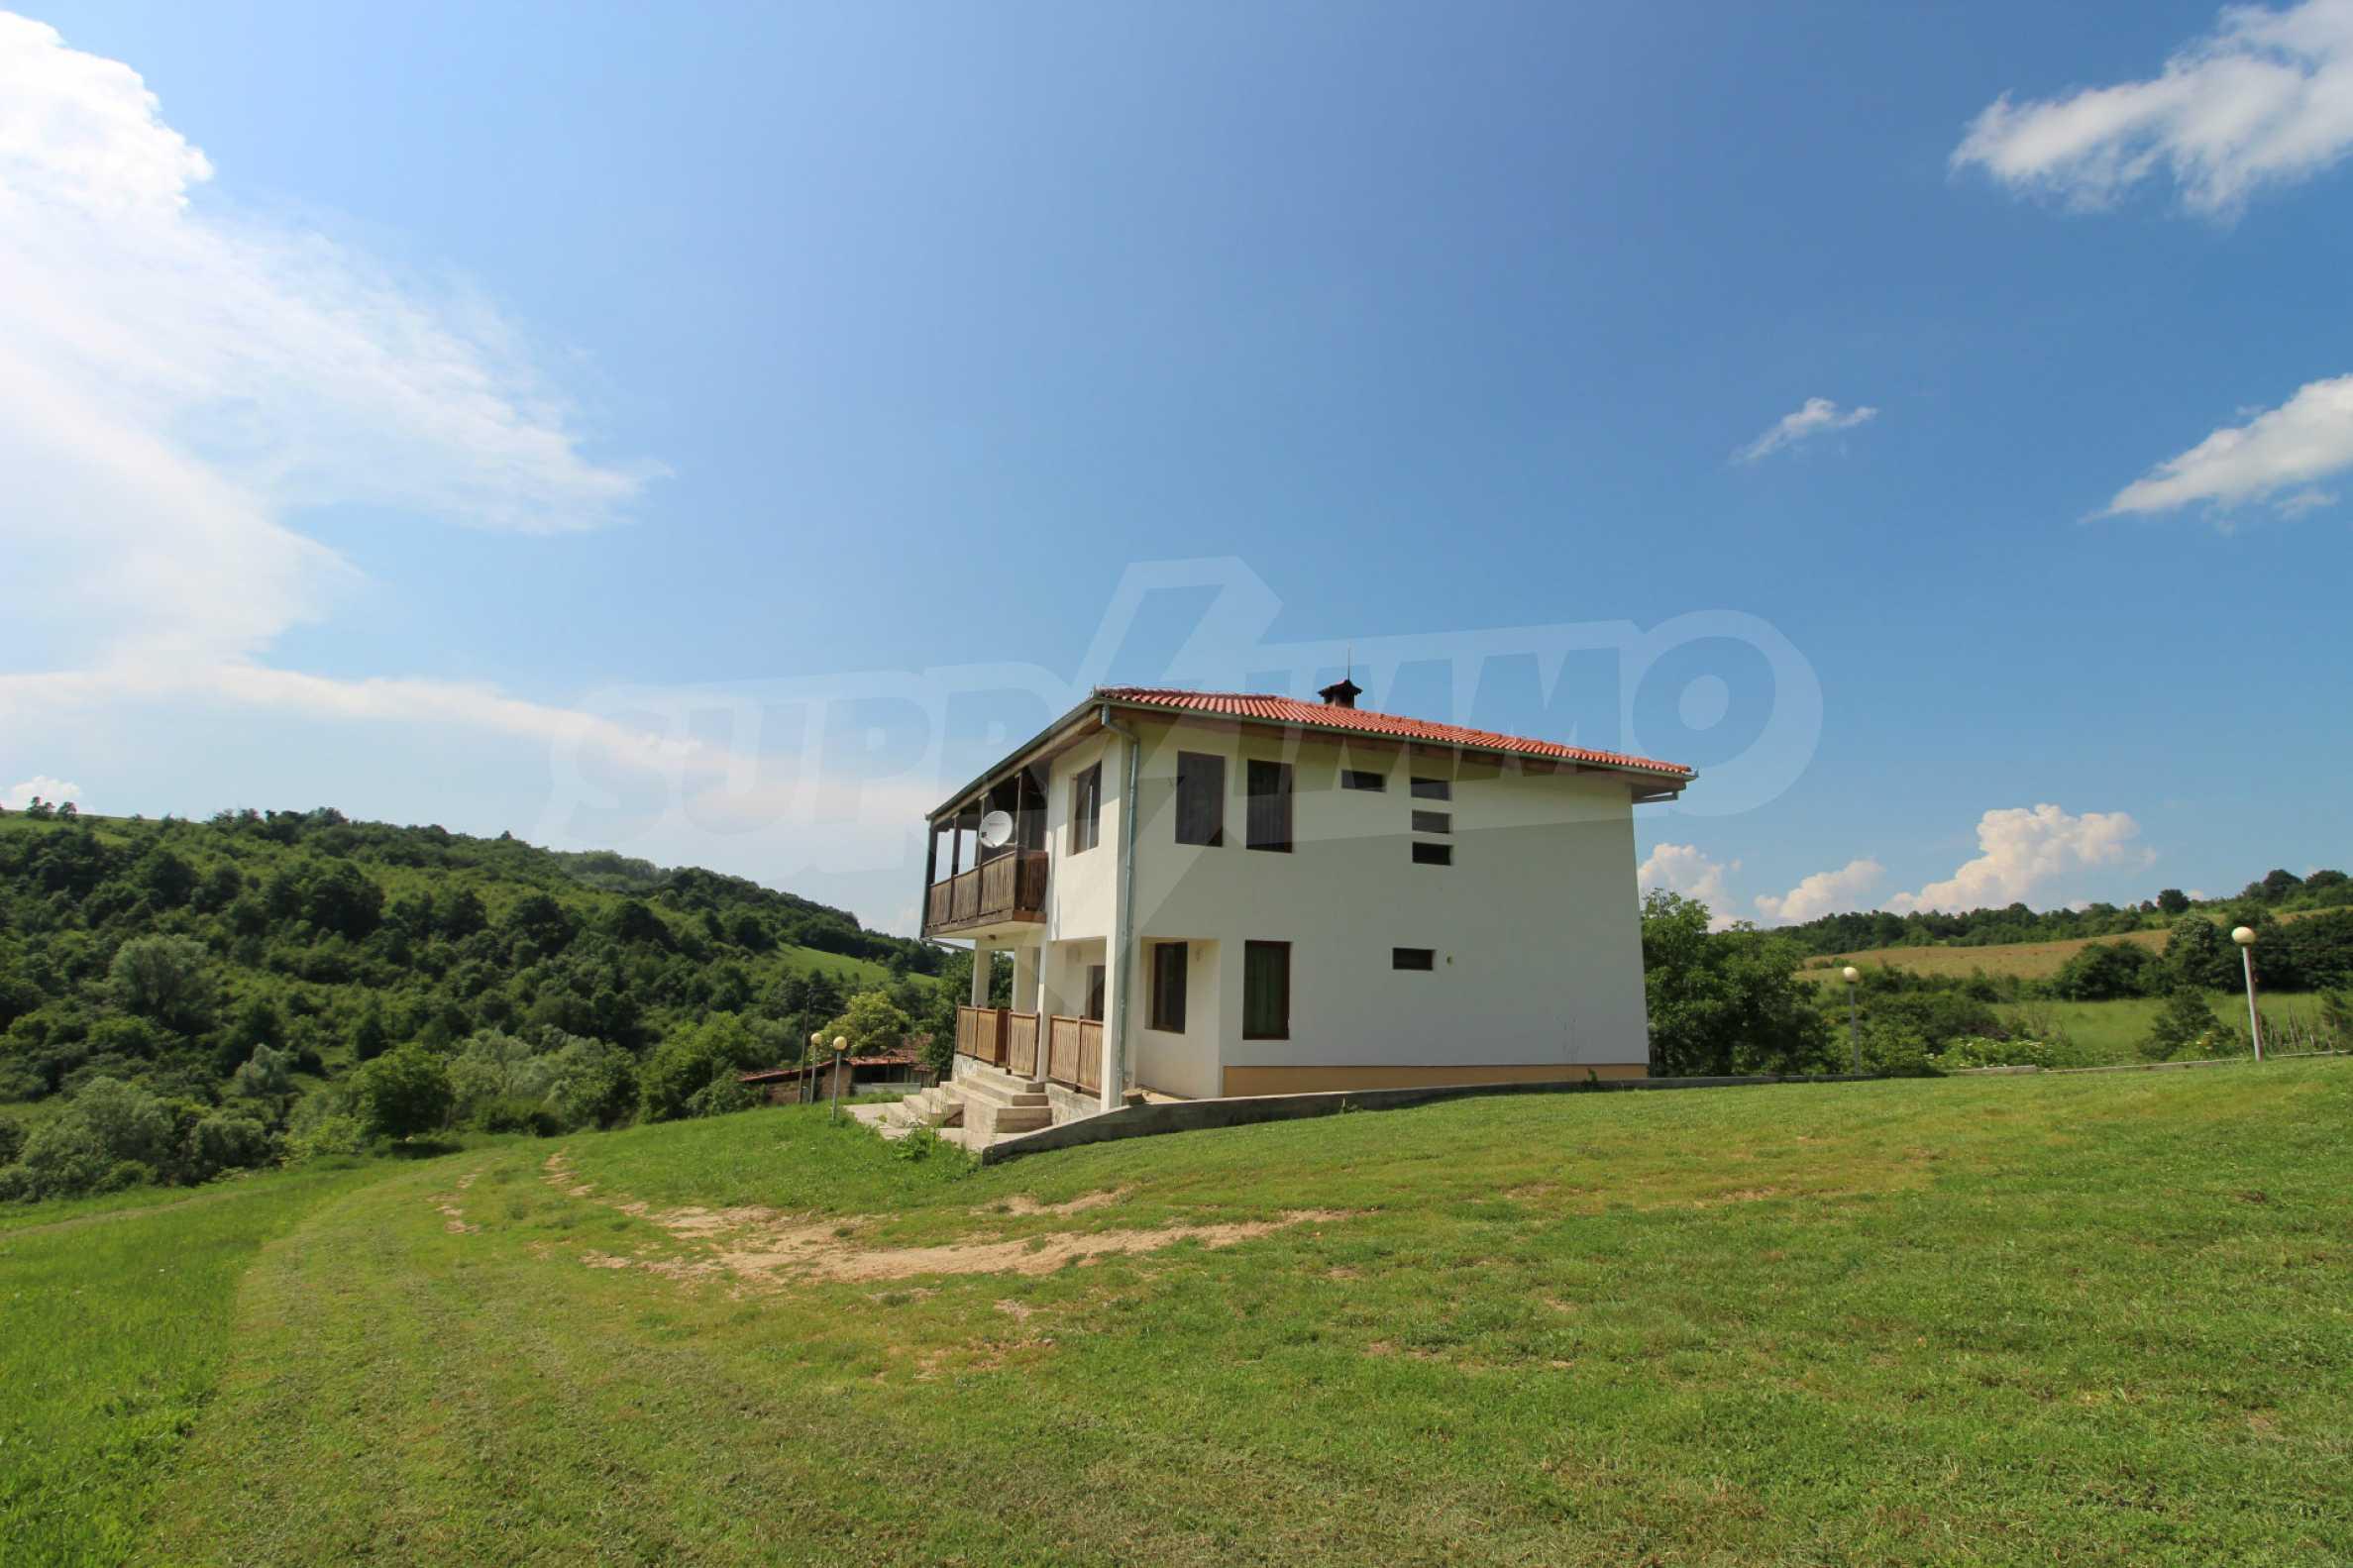 Уникално вилно селище с кръгли къщи на 50 км от Велико Търново  54